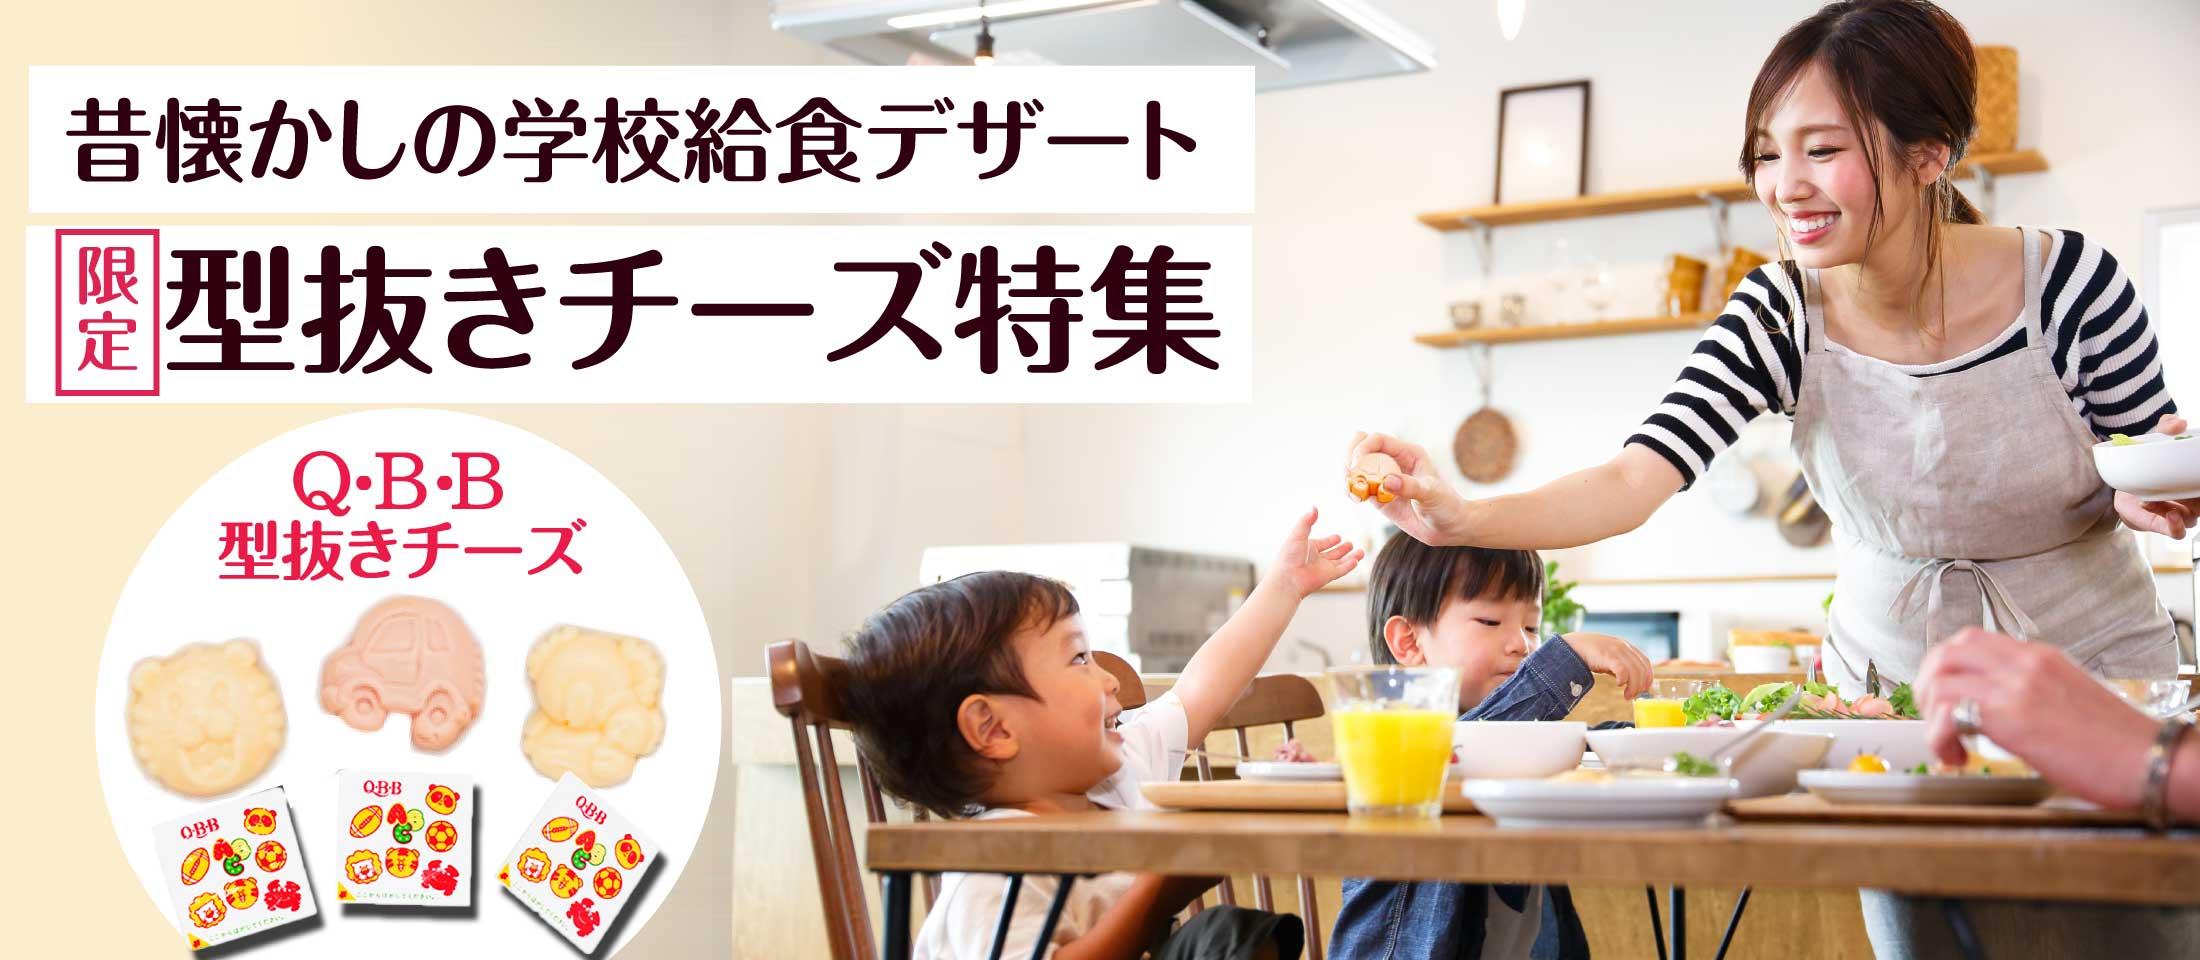 ナカヤマフーズ限定 昔懐かしの学校給食デザート 動物型抜きチーズ 業務用食品・冷凍食品通販 ナカヤマフーズオンライン